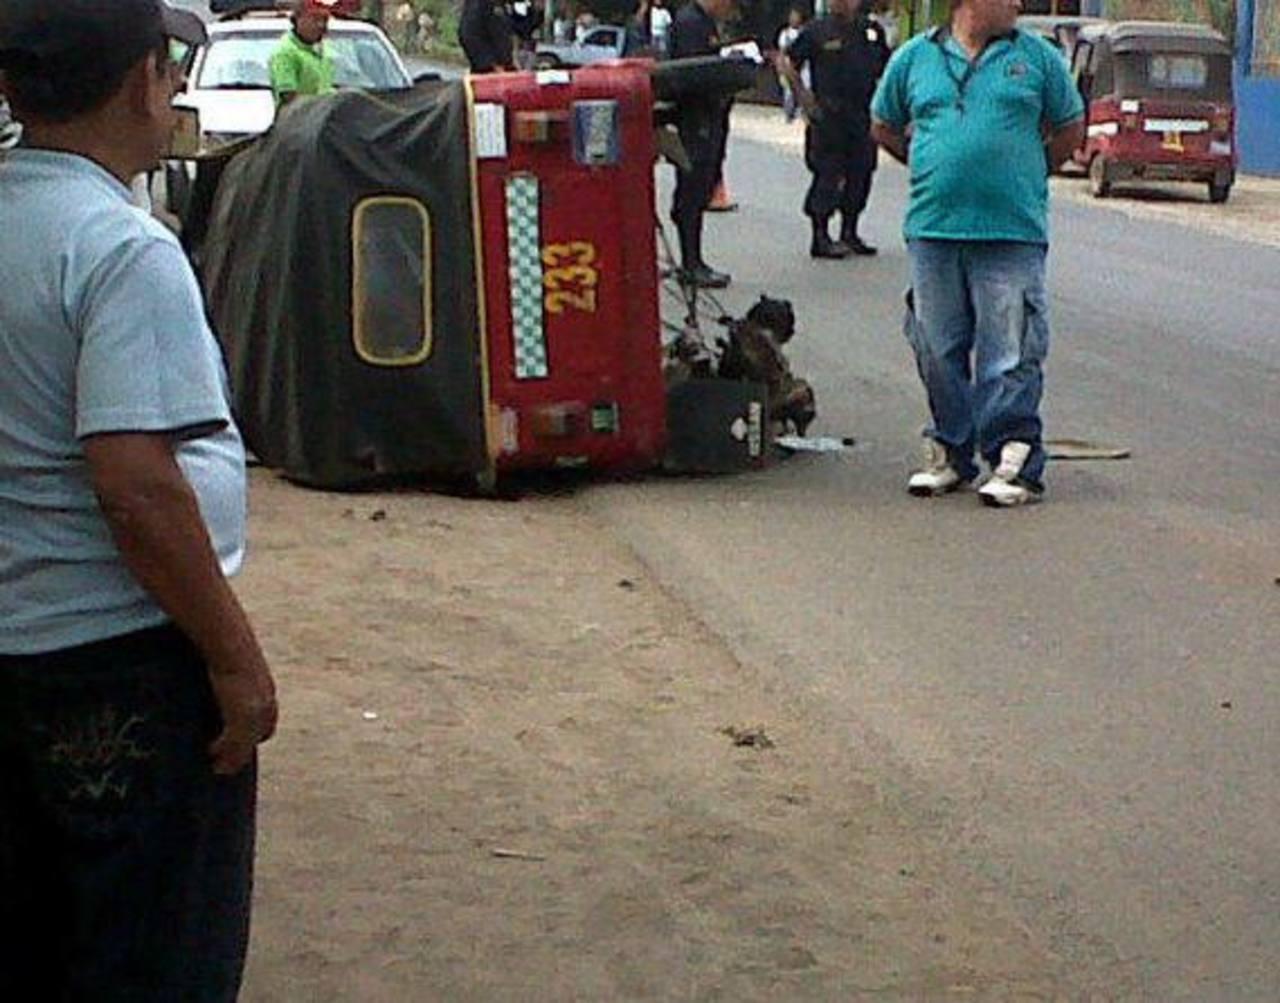 Escena del accidente entre la mototaxi y un microbús en Apaneca. Foto vía Twitter @JuanJoPhoenix